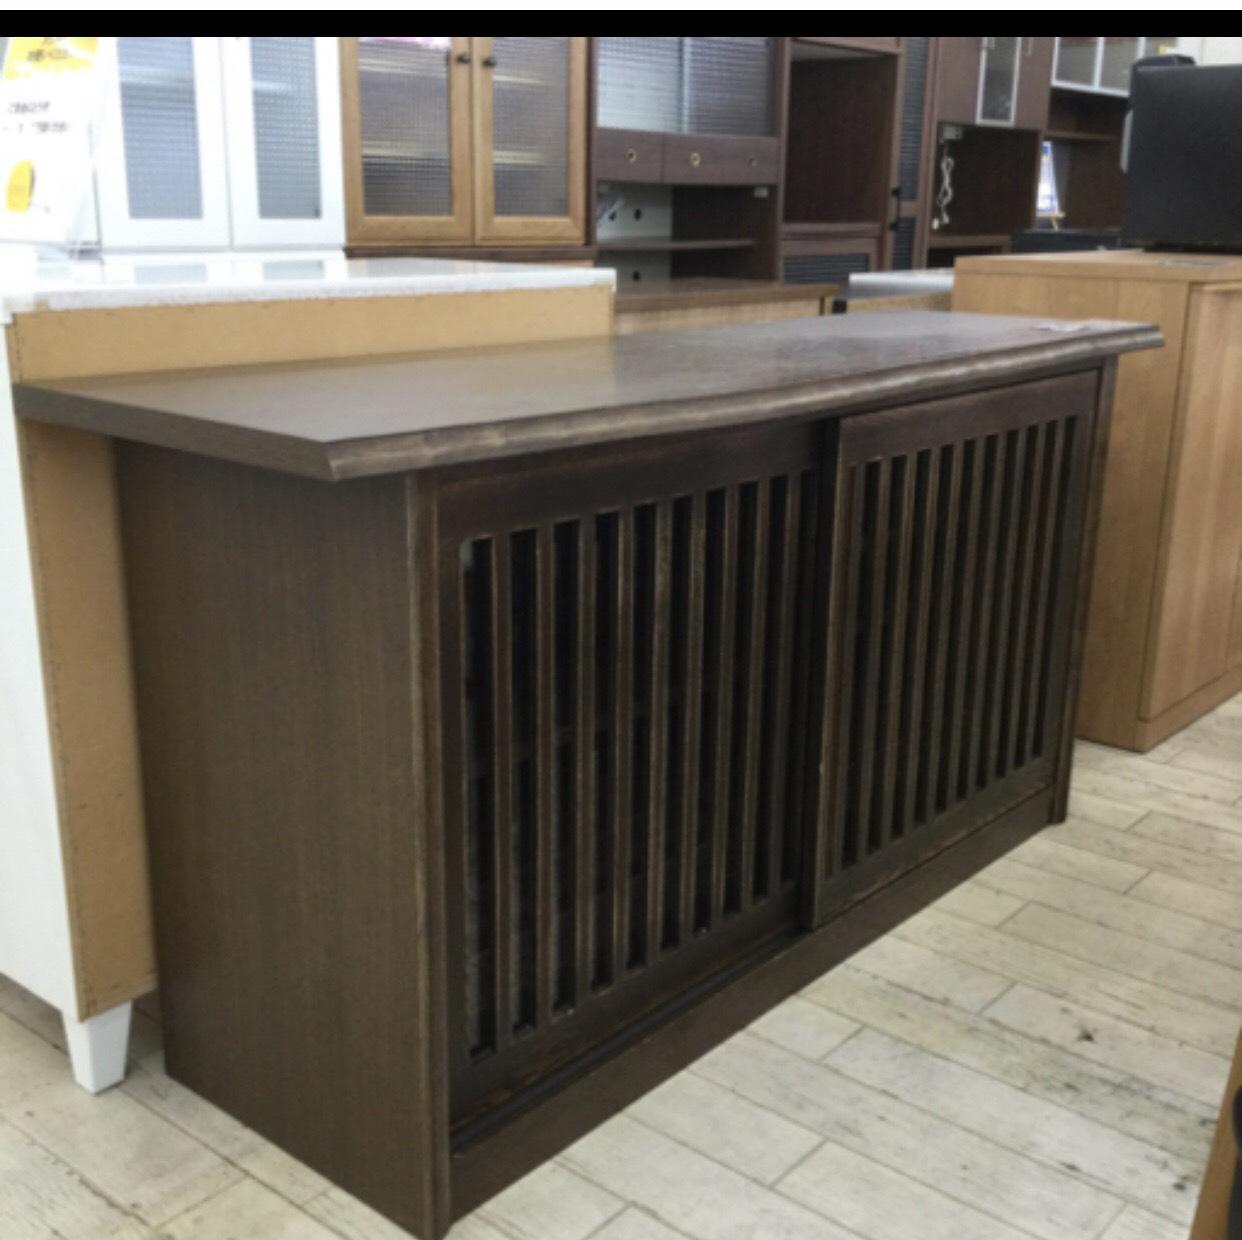 【⭐高級品⭐定価128,000円 しっかりとした天然木 和風家具 レンジボード/サイドボード/食器棚/収納棚/扉付き】を買取りさせて頂きました。の買取-